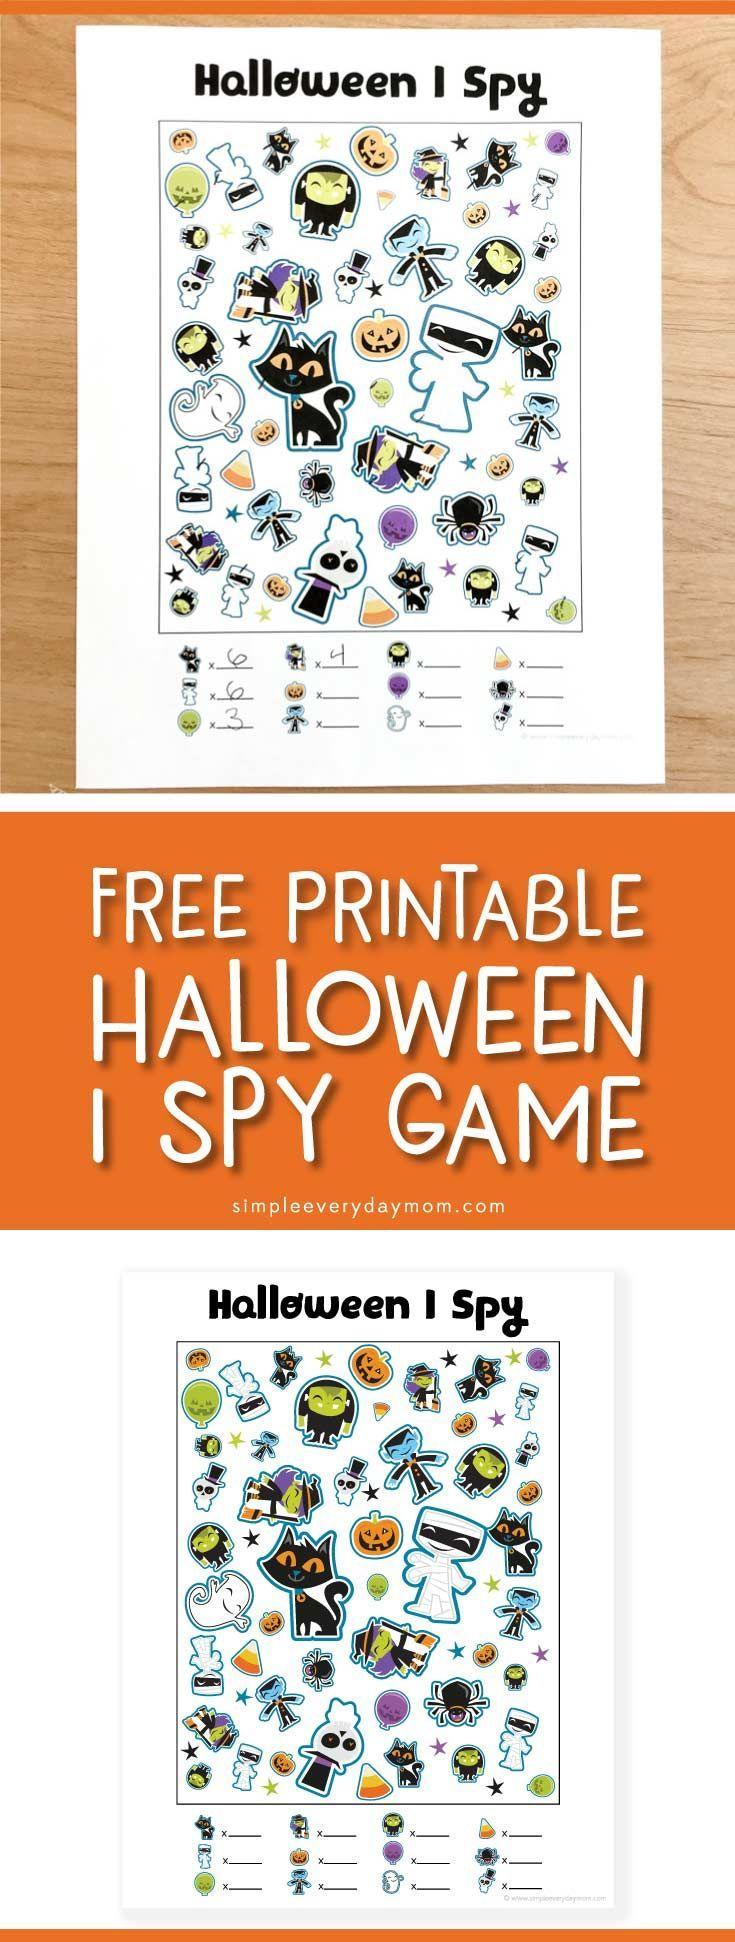 free printable halloween i spy game printable activities for kids